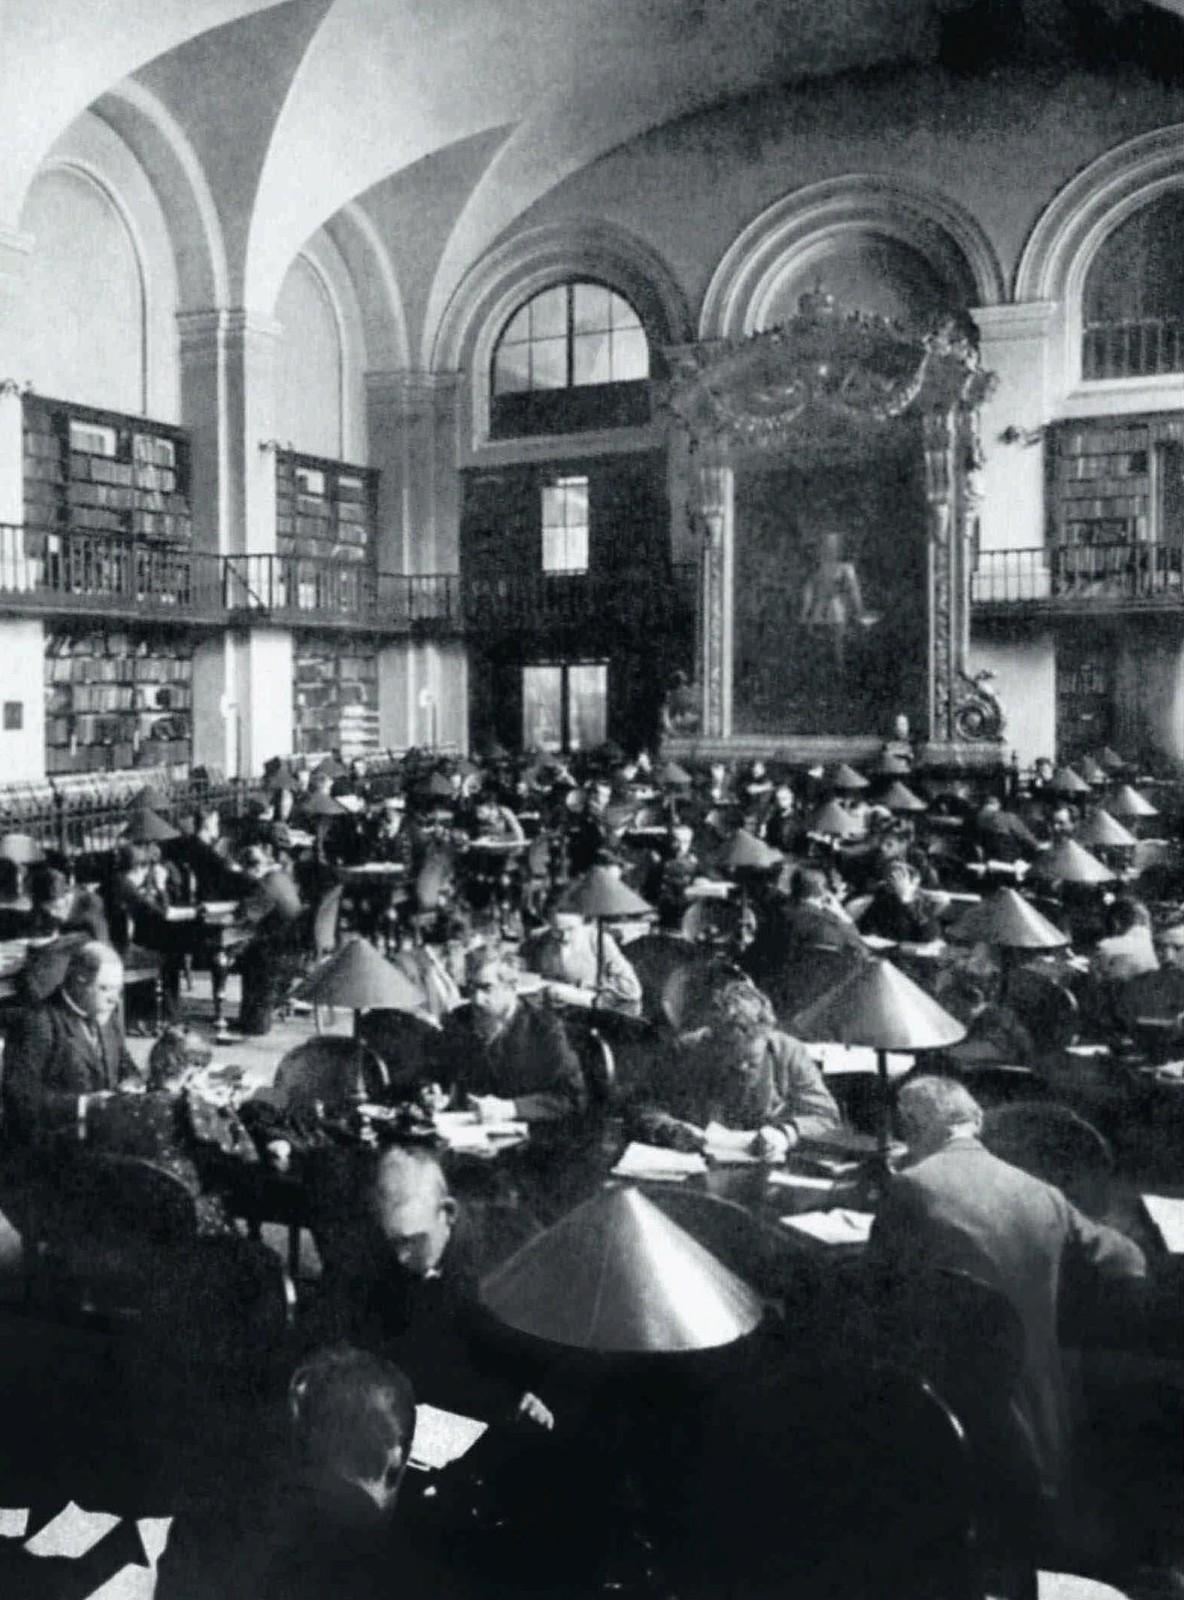 1895. Большой зал Императорской публичной библиотеки